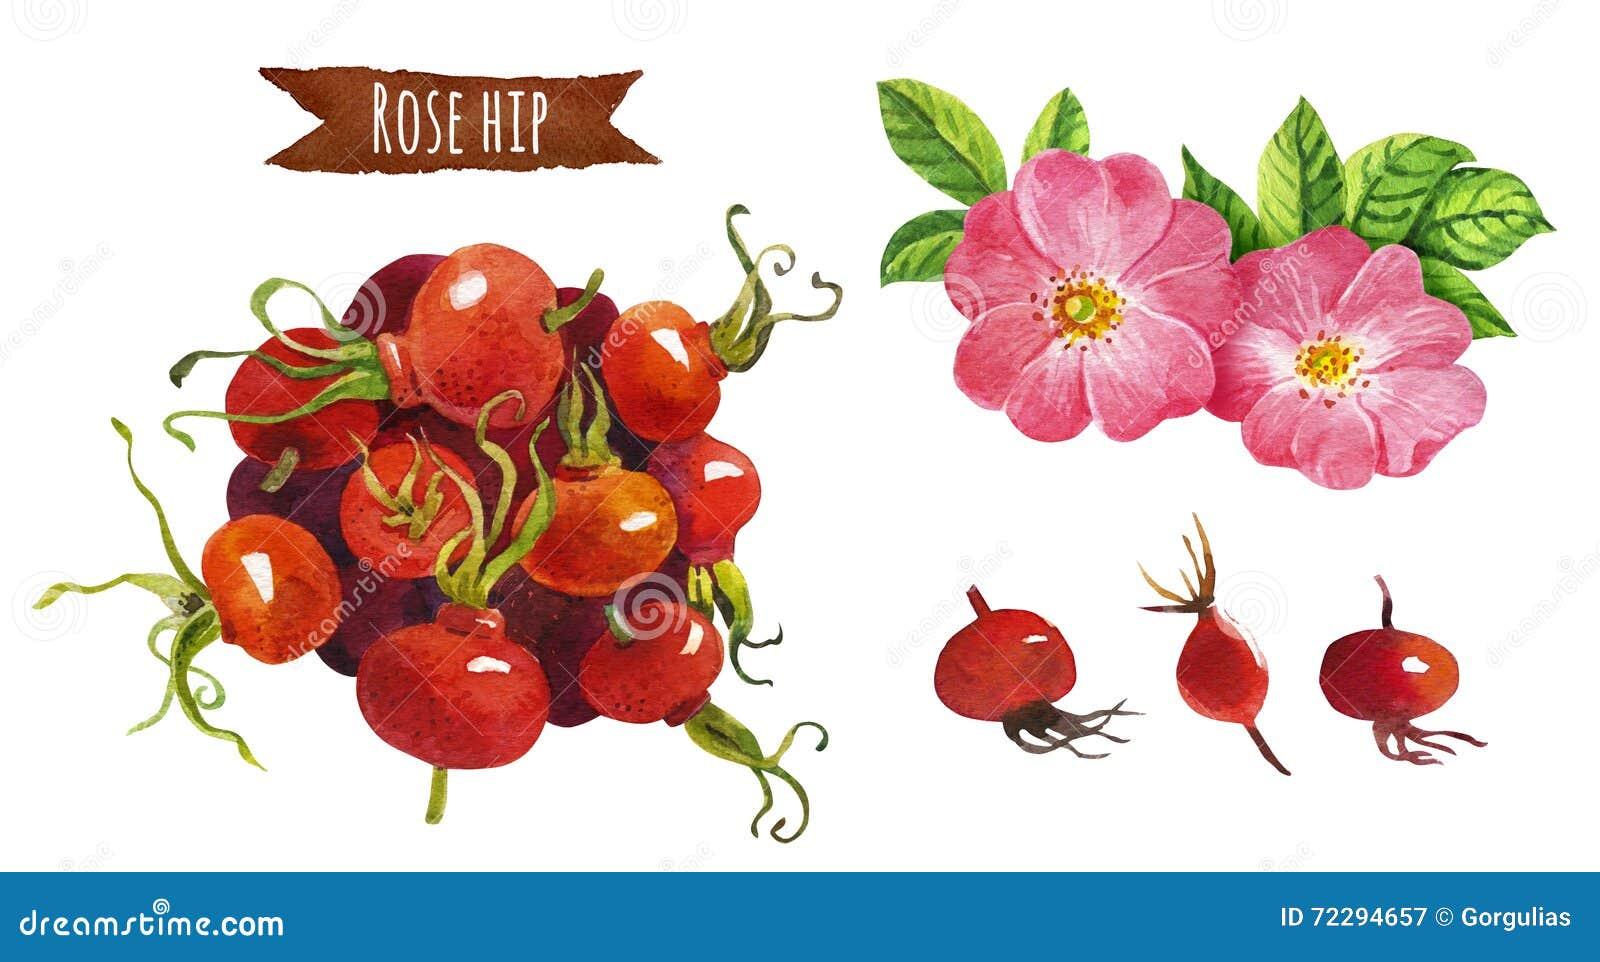 Download Розовое бедро, иллюстрация акварели, включенный путь клиппирования Иллюстрация штока - иллюстрации насчитывающей бело, предмет: 72294657